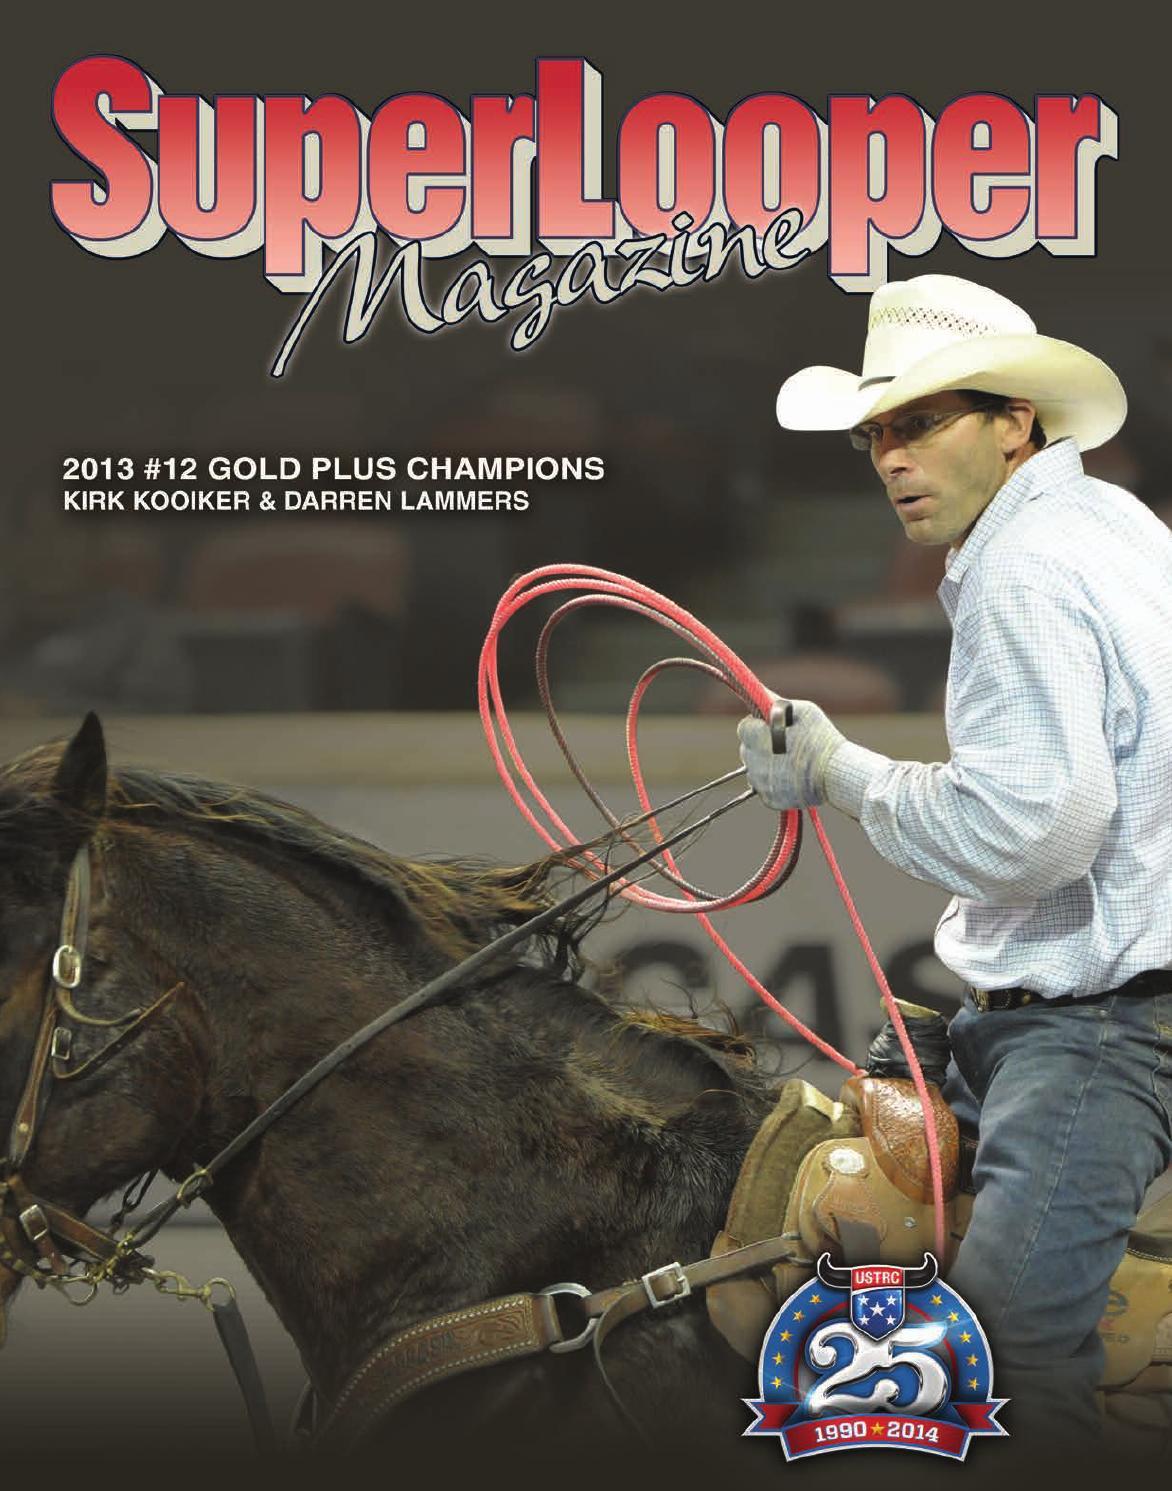 SuperLooper-Feb 2014 by Western Sports Publishing - issuu a002a7abe15b